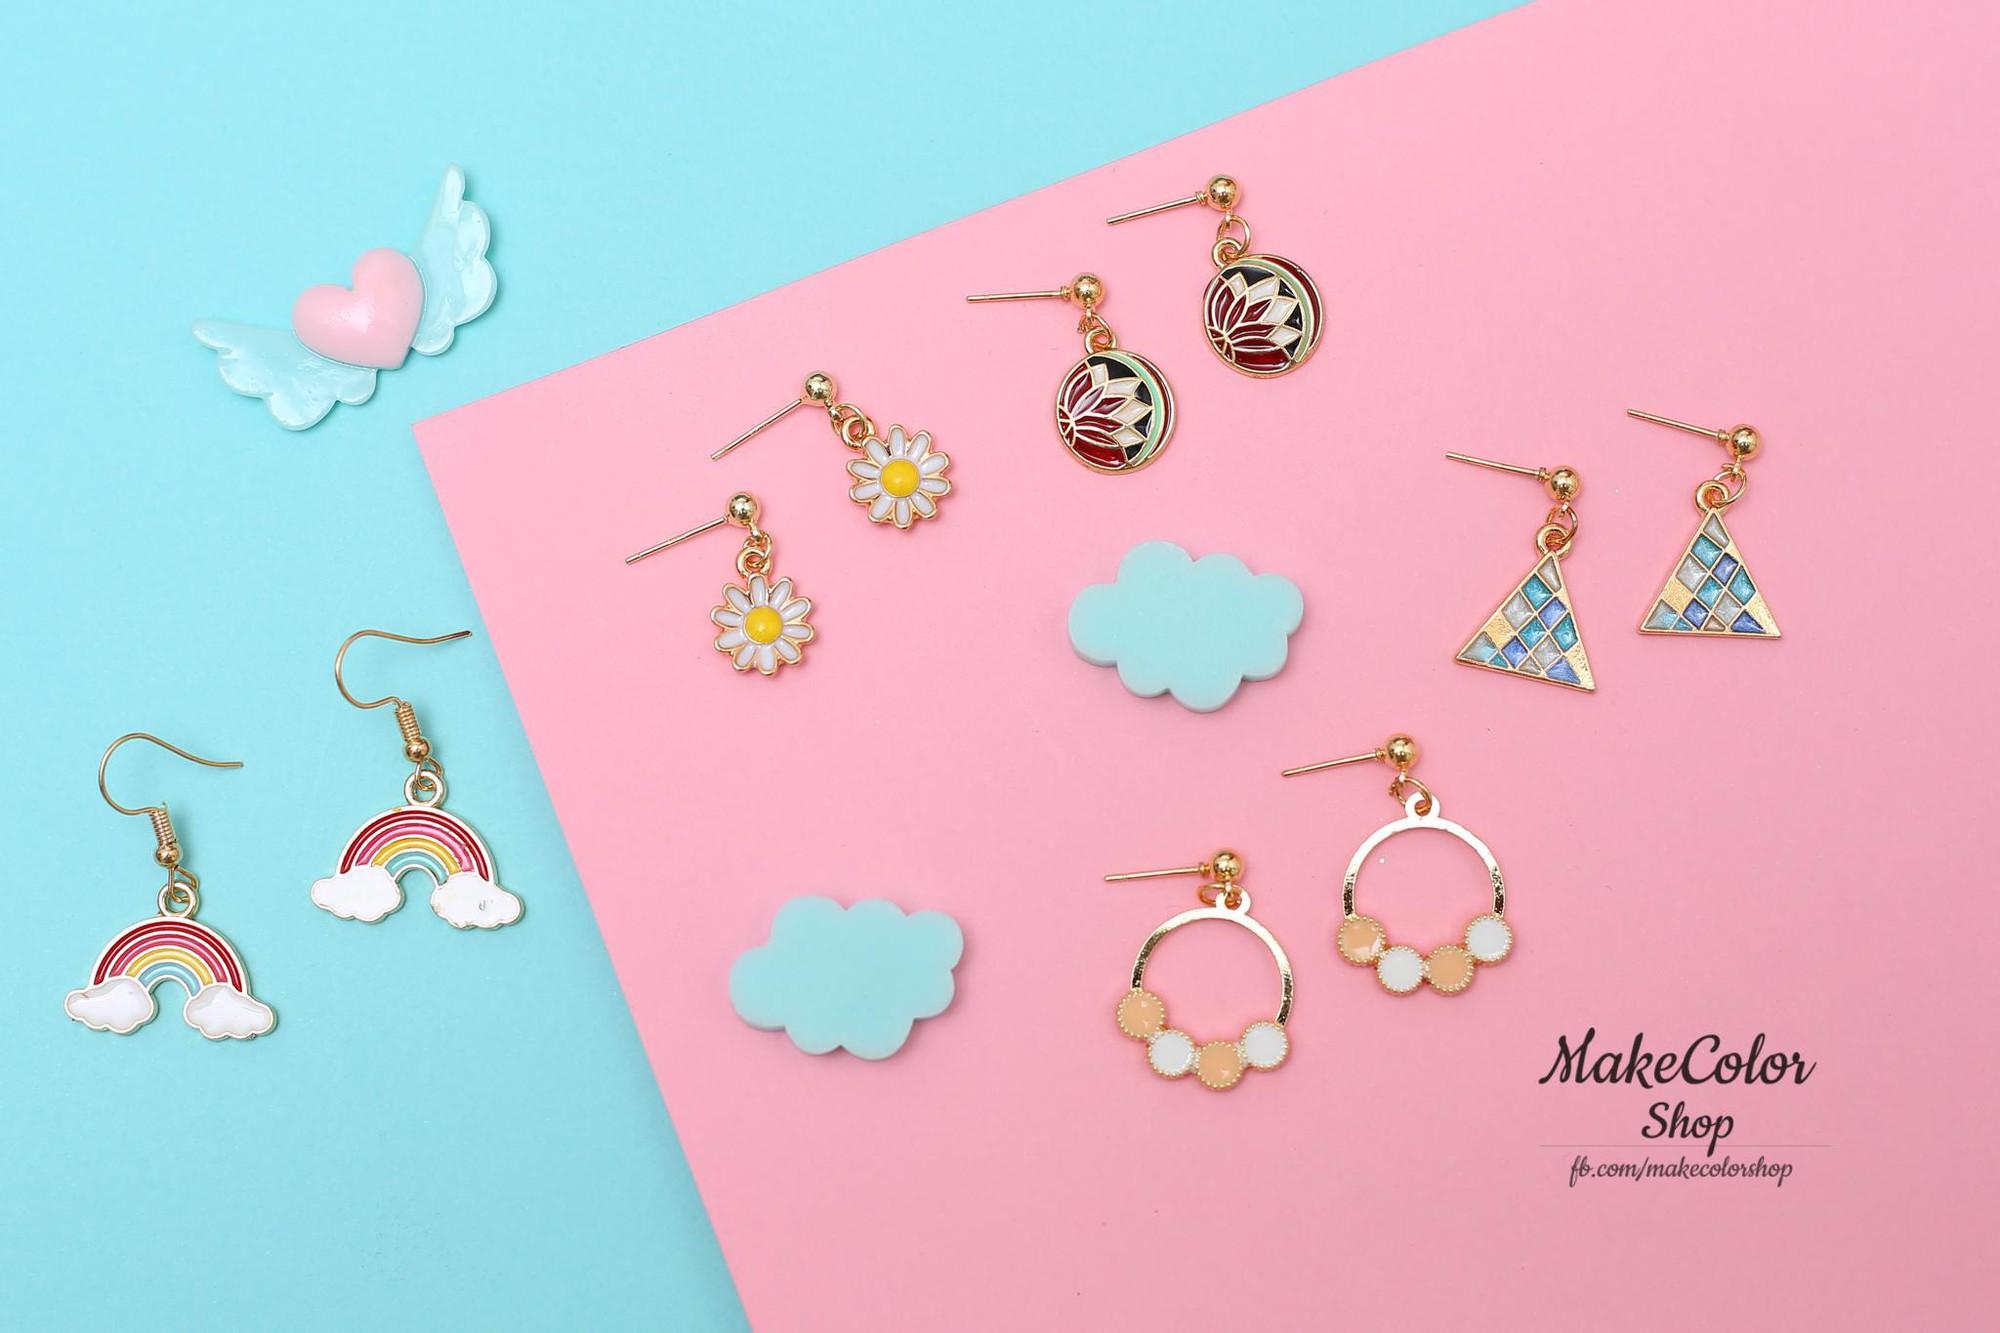 Make Color Shop – Thương hiệu phụ kiện và trang sức được giới trẻ yêu thích - Ảnh 6.